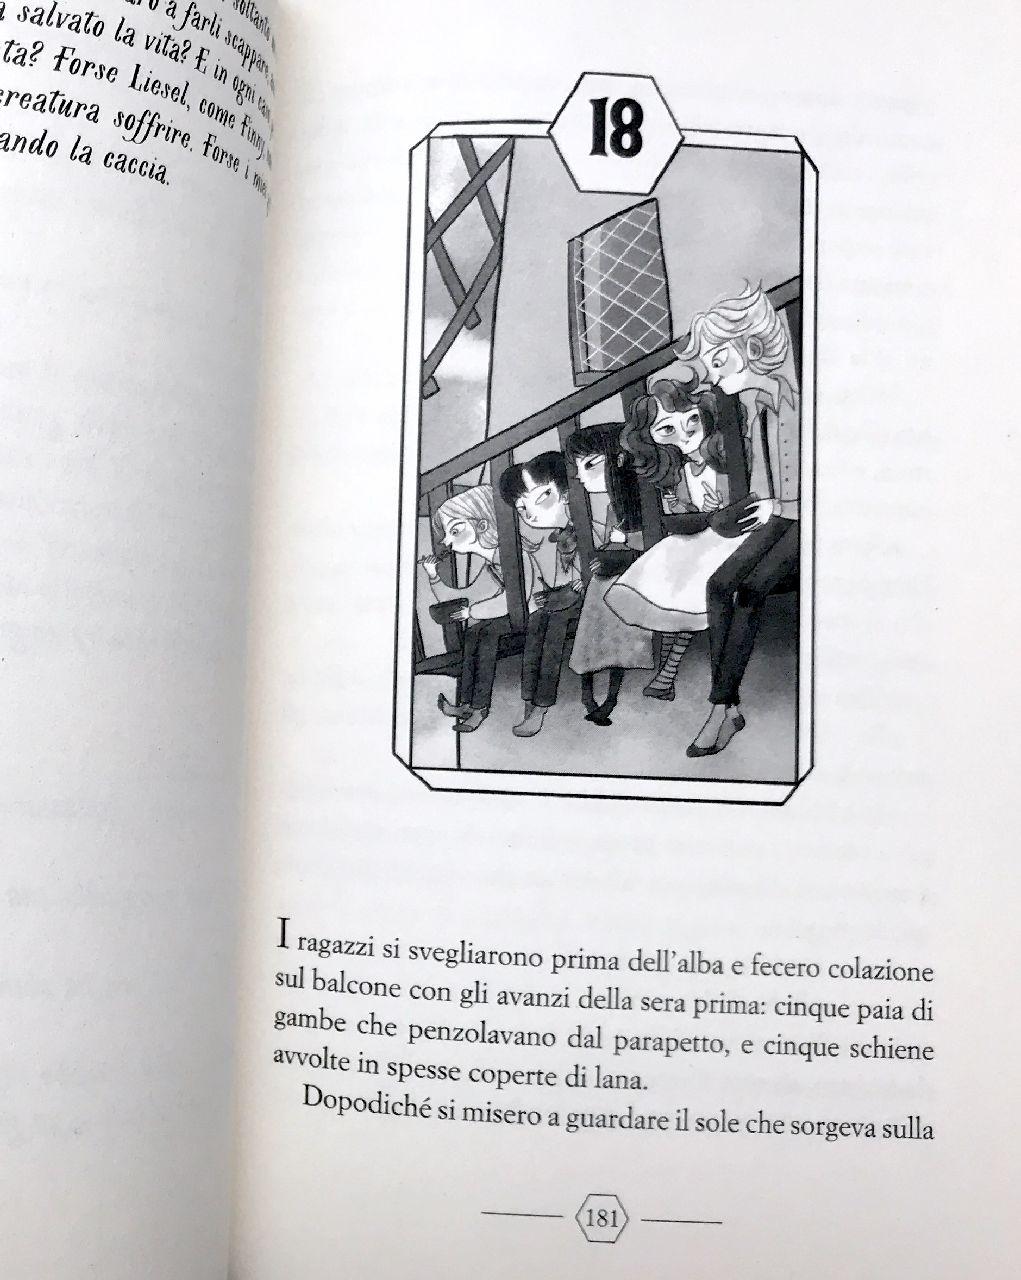 Hana Tooke - Ayesha L. Rubio, Gli inadottabili, Rizzoli